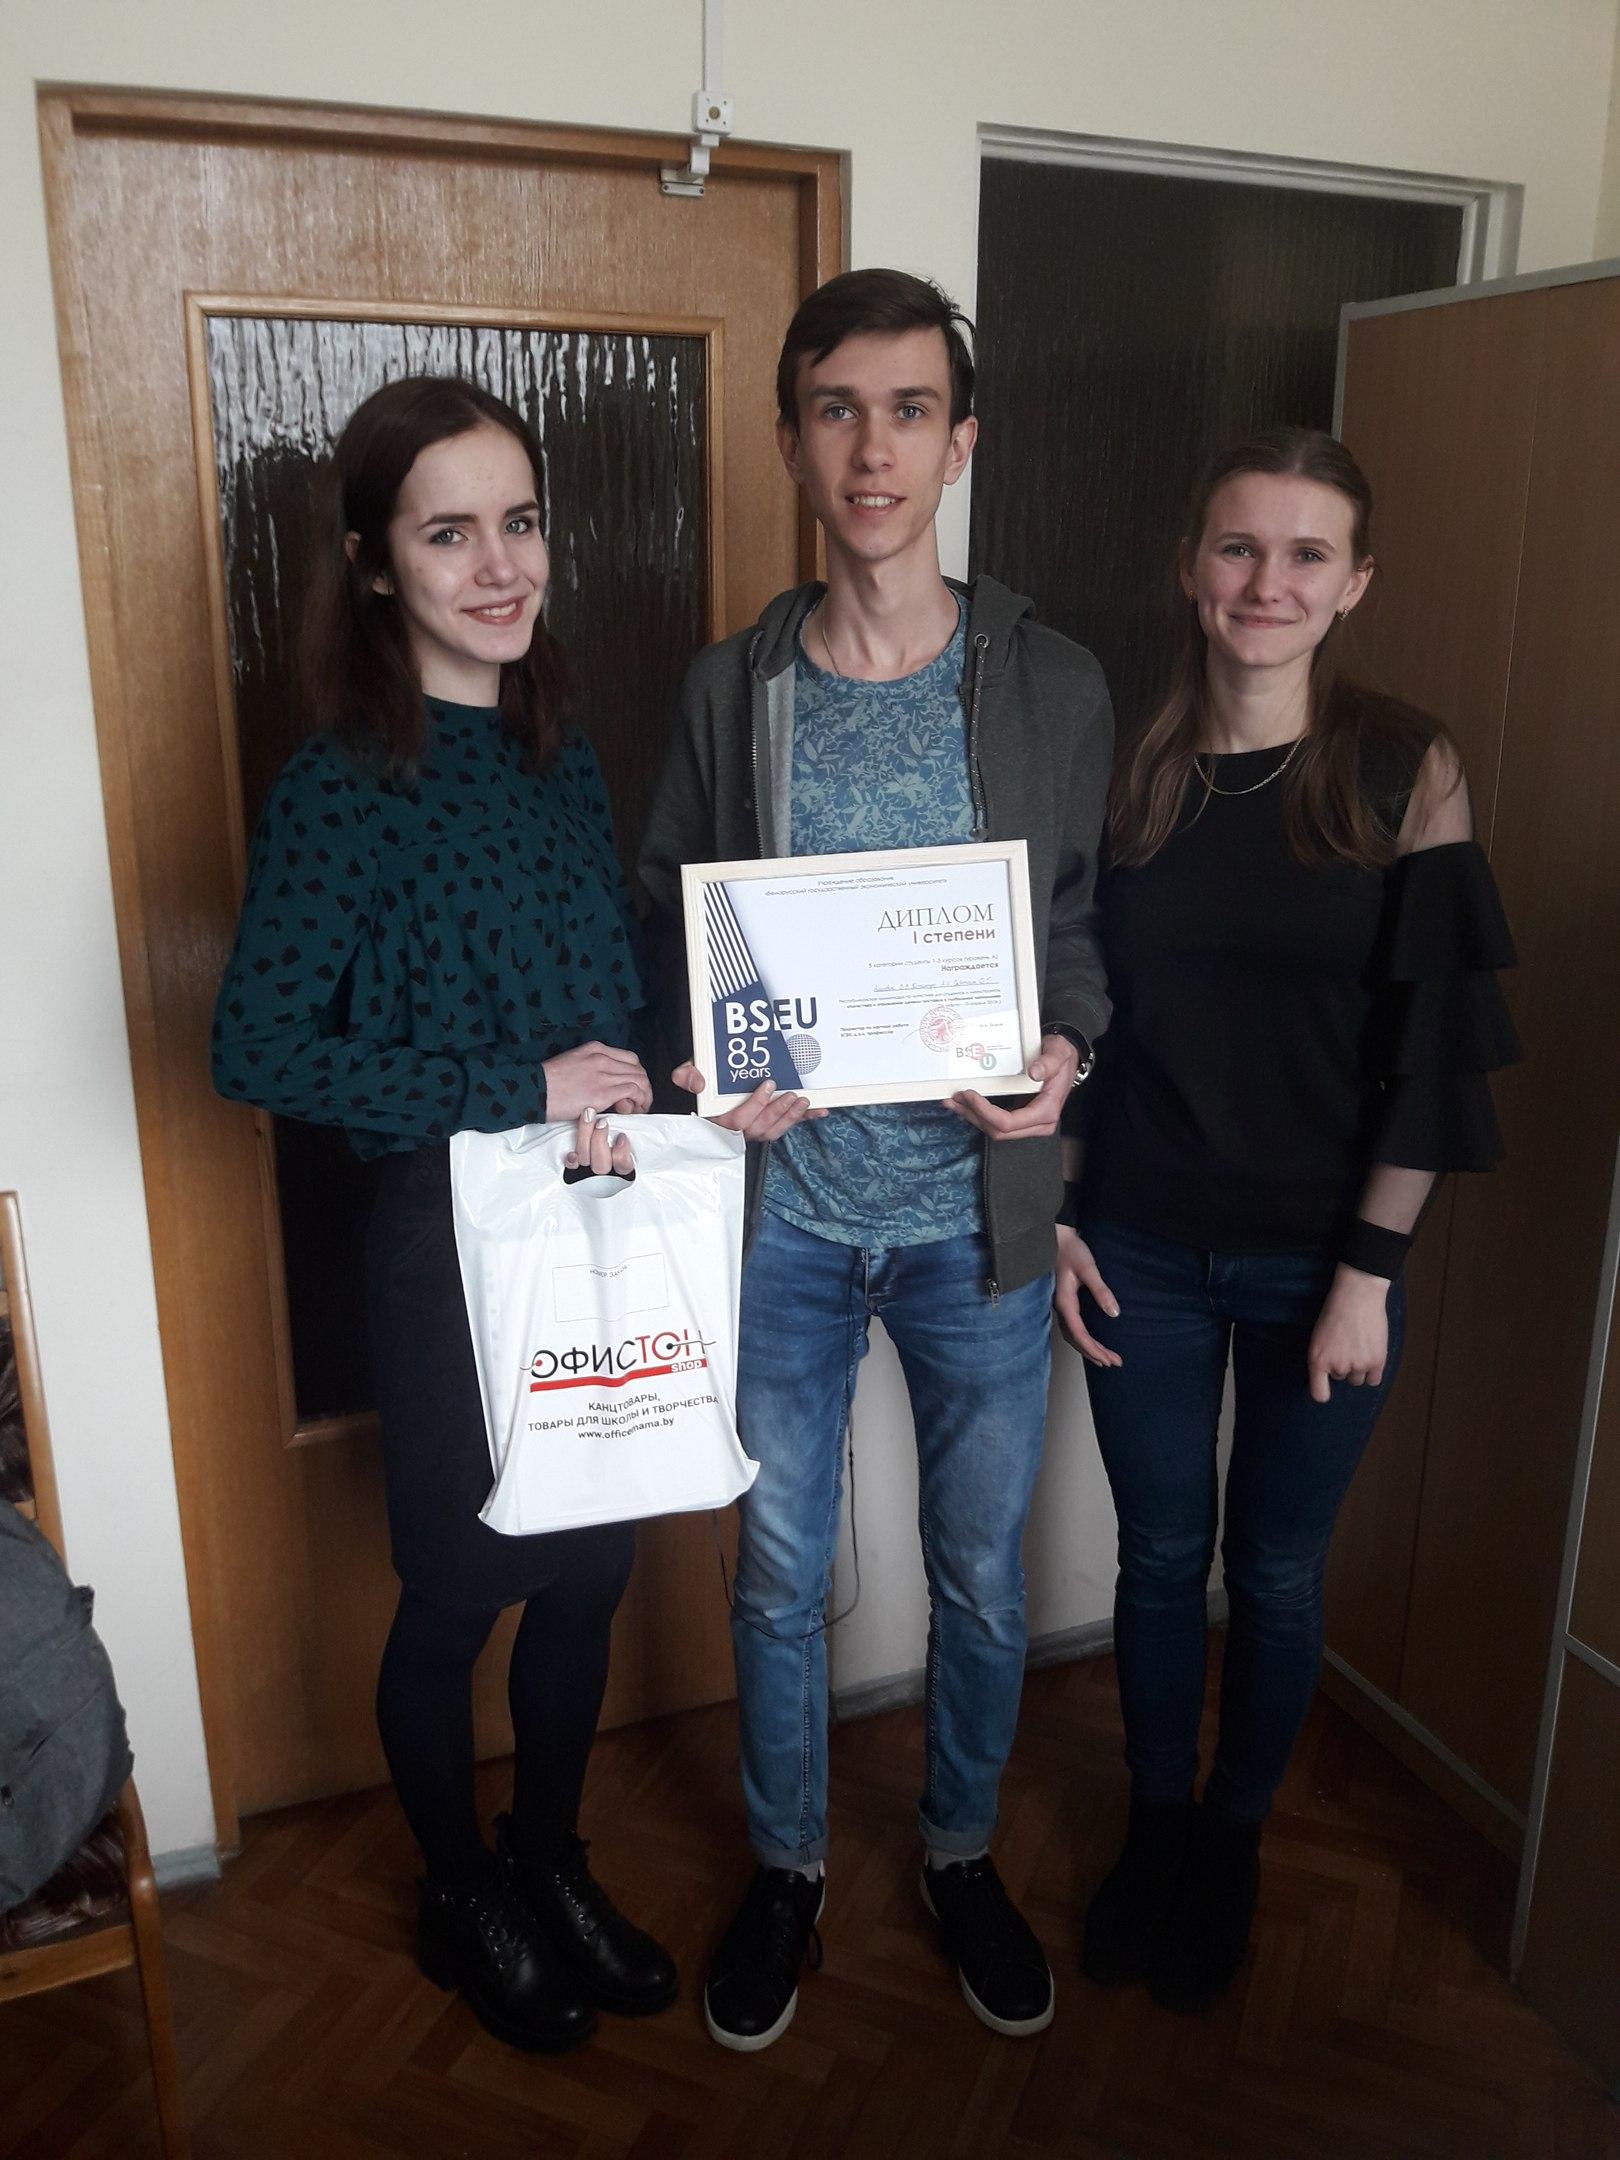 Слева направо: Савостьян Дарья, Коринчук Александр, Зенкевич Вероника